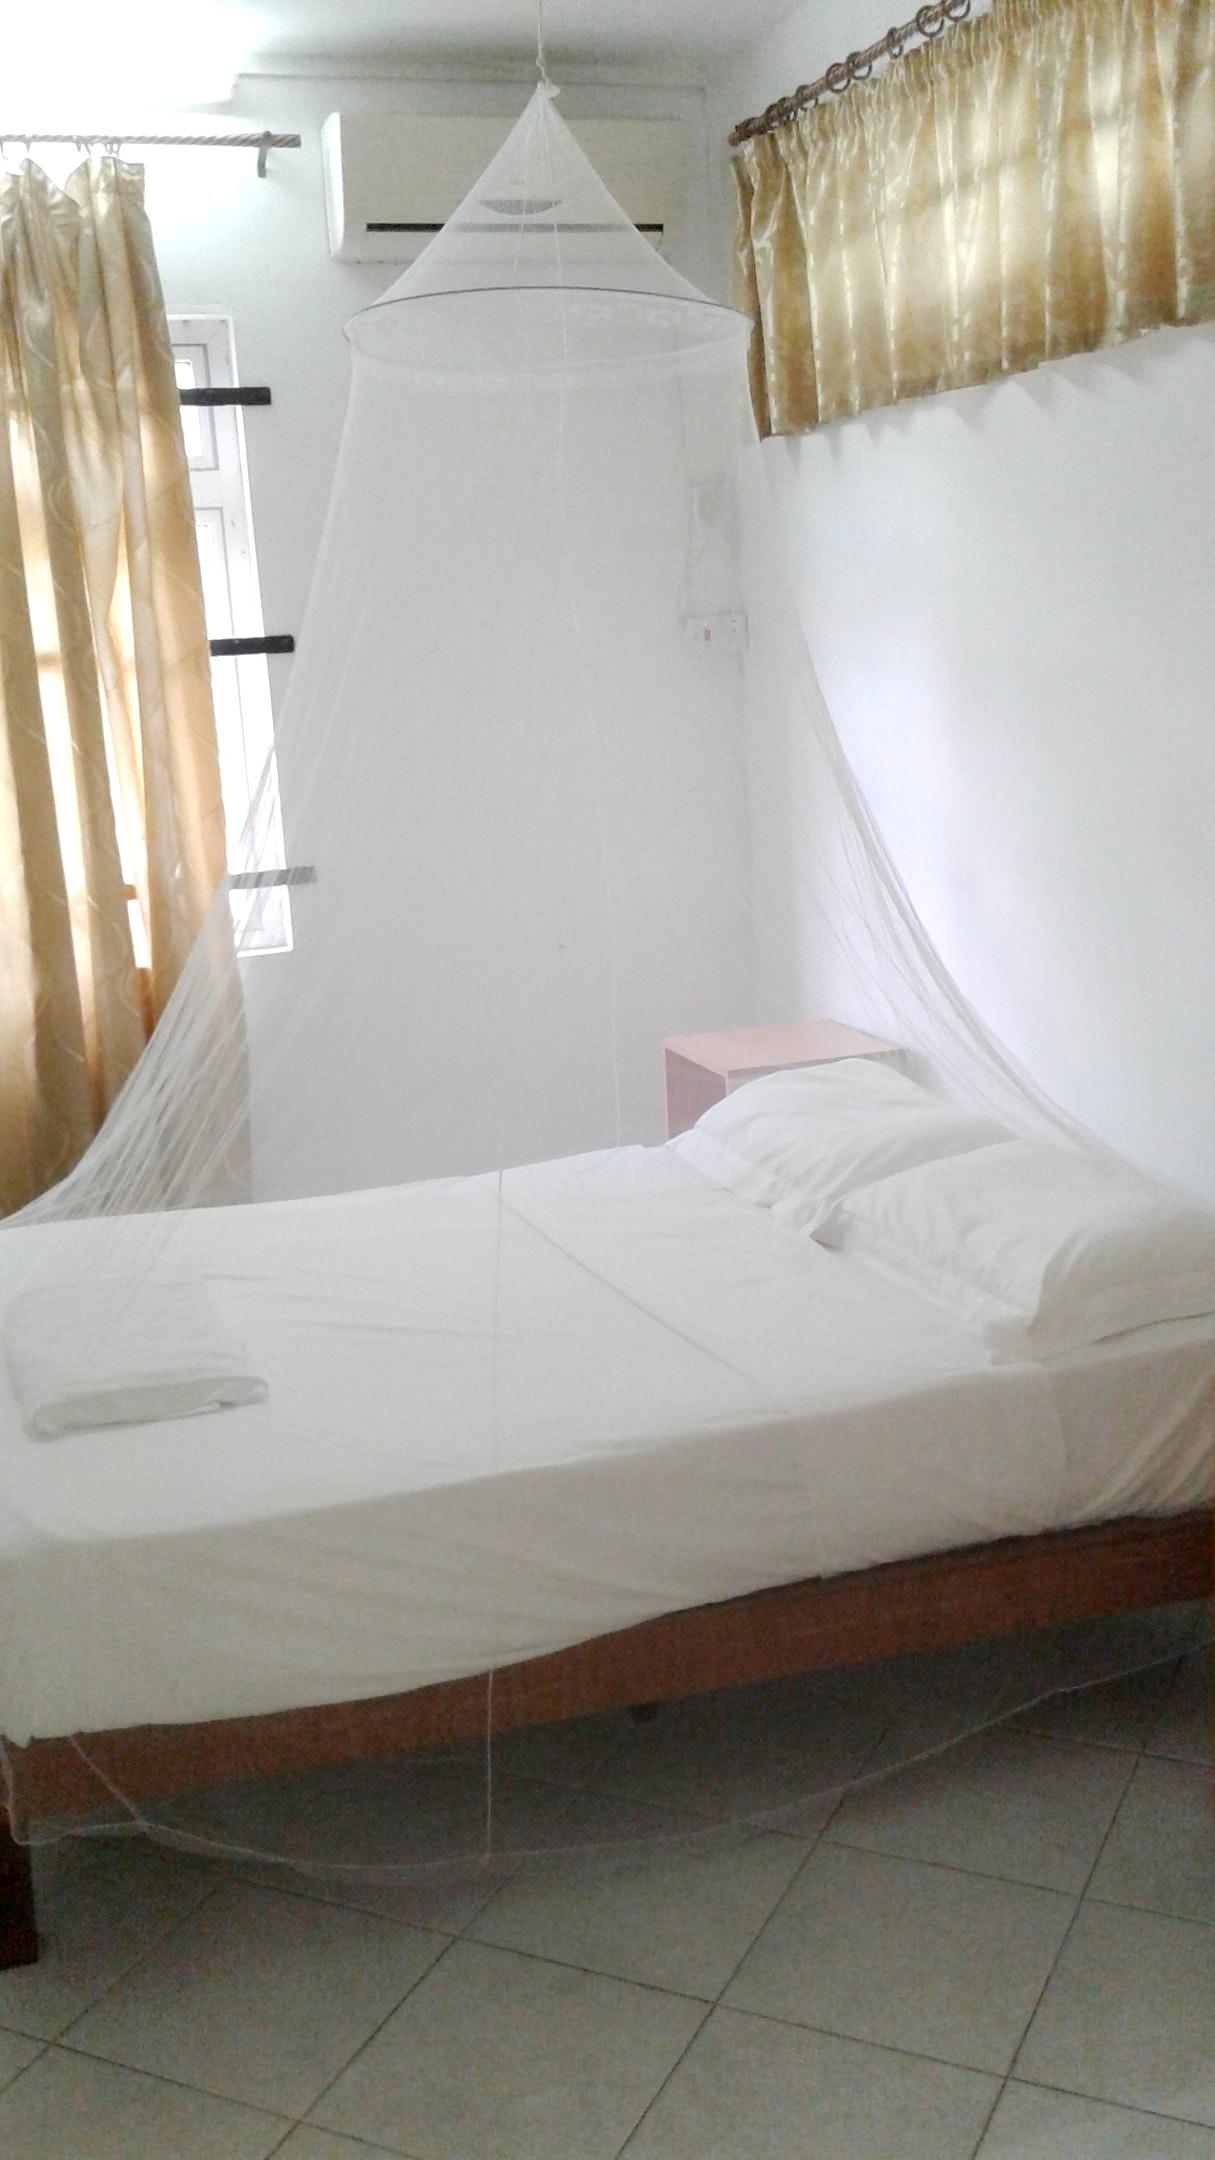 Haus mit 2 Schlafzimmern in Trou aux Biches Beach  Ferienhaus auf Mauritius